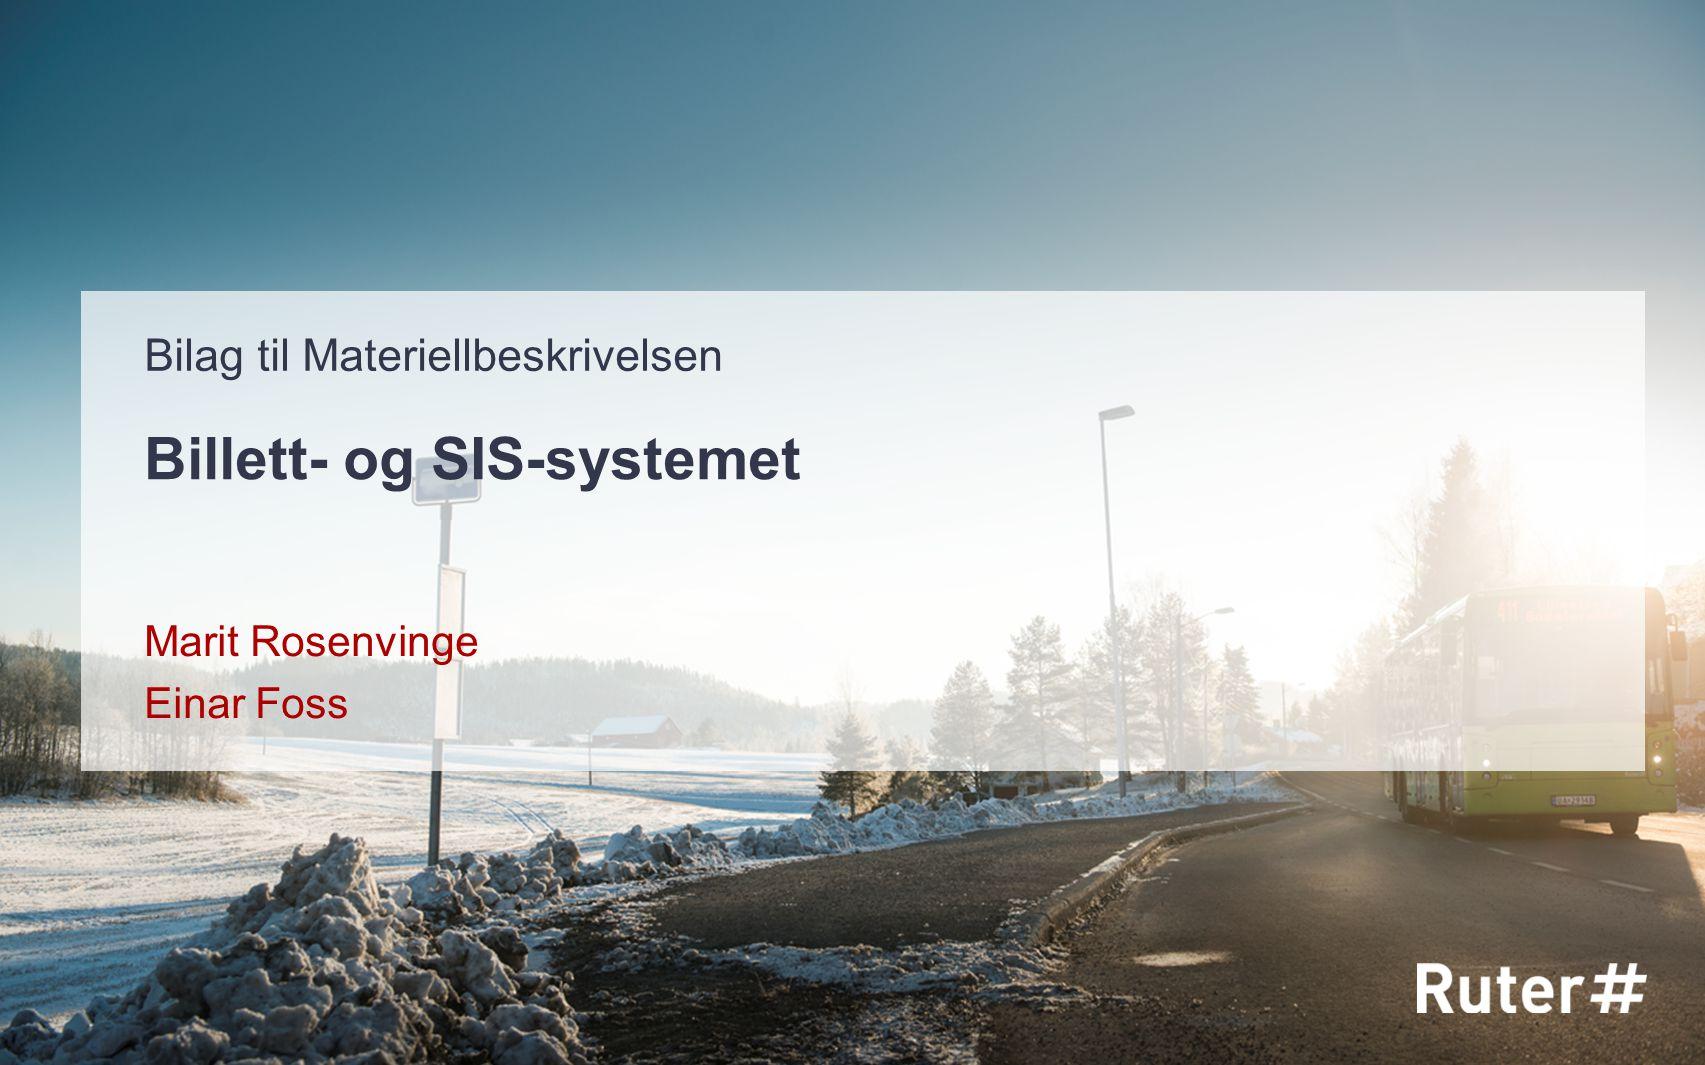 Billett- og SIS-systemet Marit Rosenvinge Einar Foss Bilag til Materiellbeskrivelsen